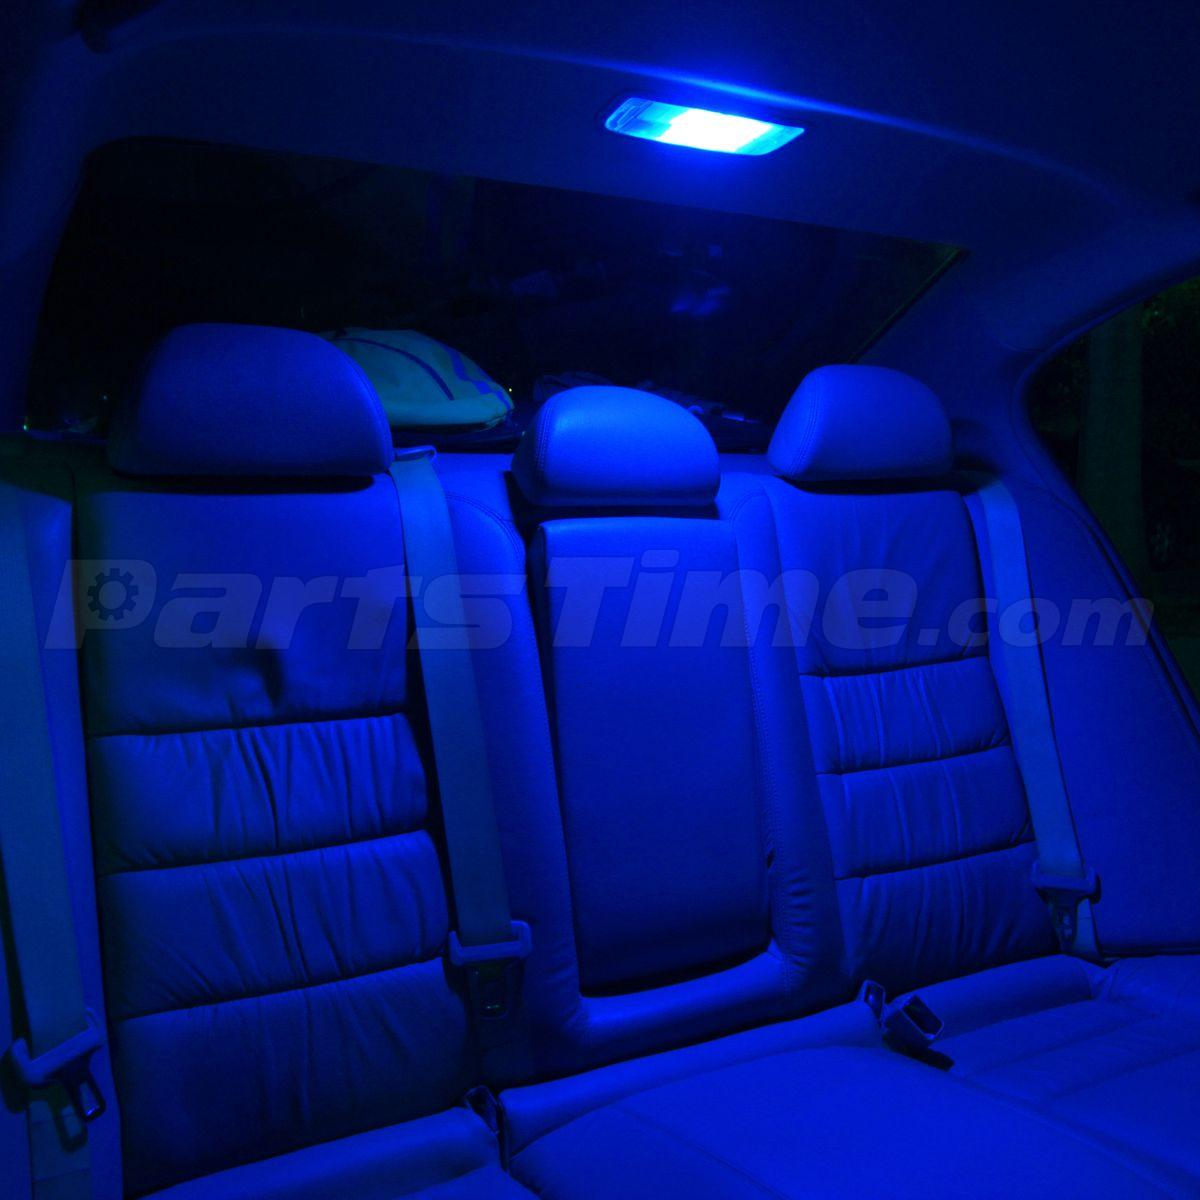 2013 Gmc Sierra Interior Lights: 14x Xenon Blue For 1999-2006 GMC Sierra Interior Bulb